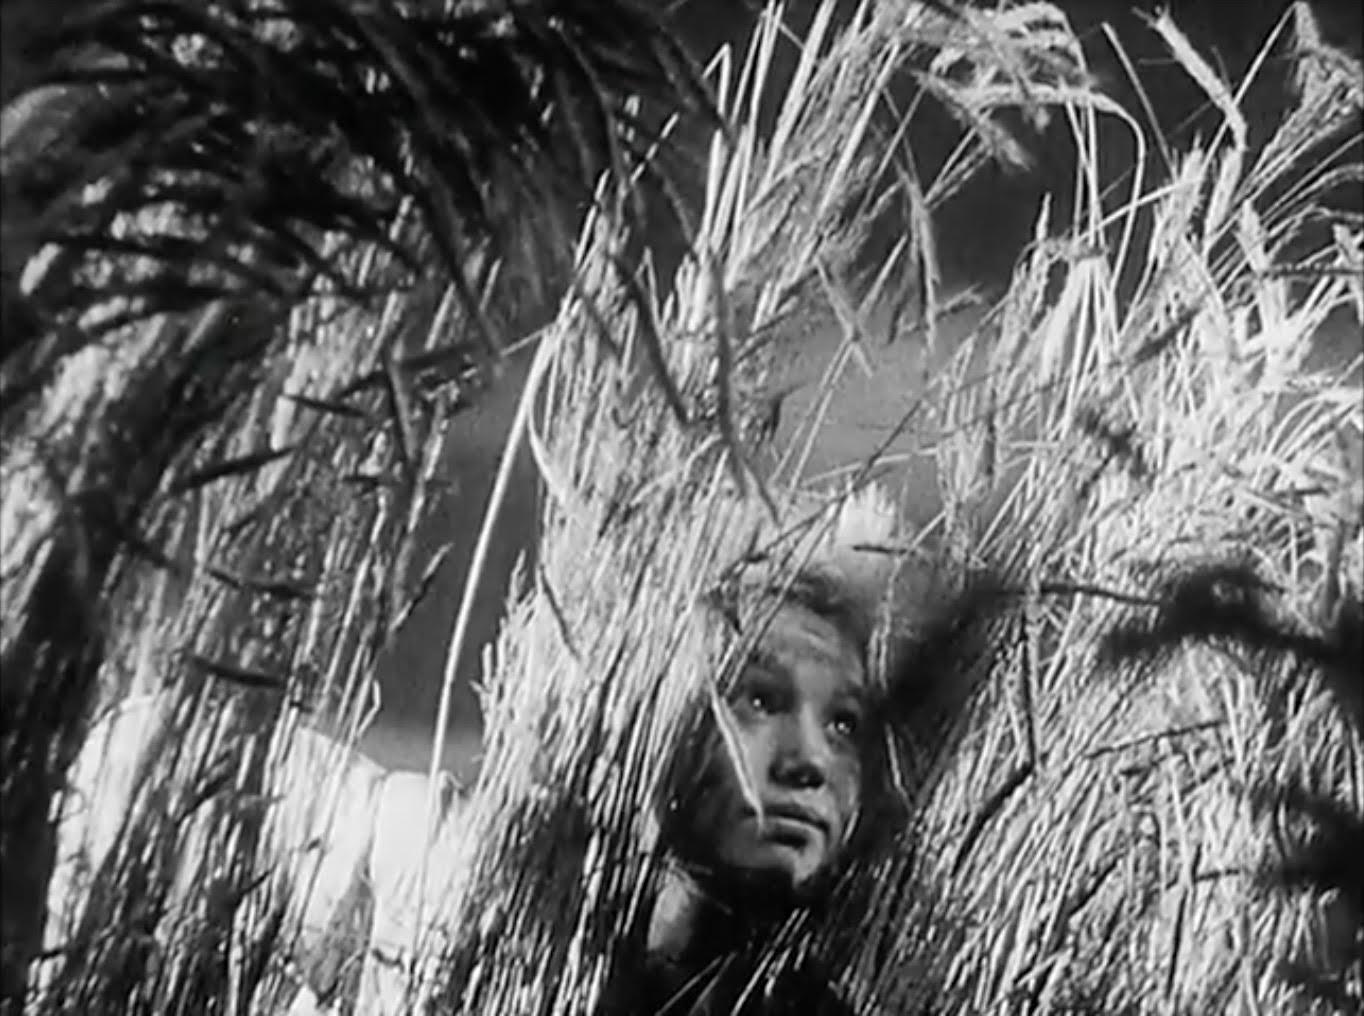 Sergei Eisenstein and Immersion in Nature